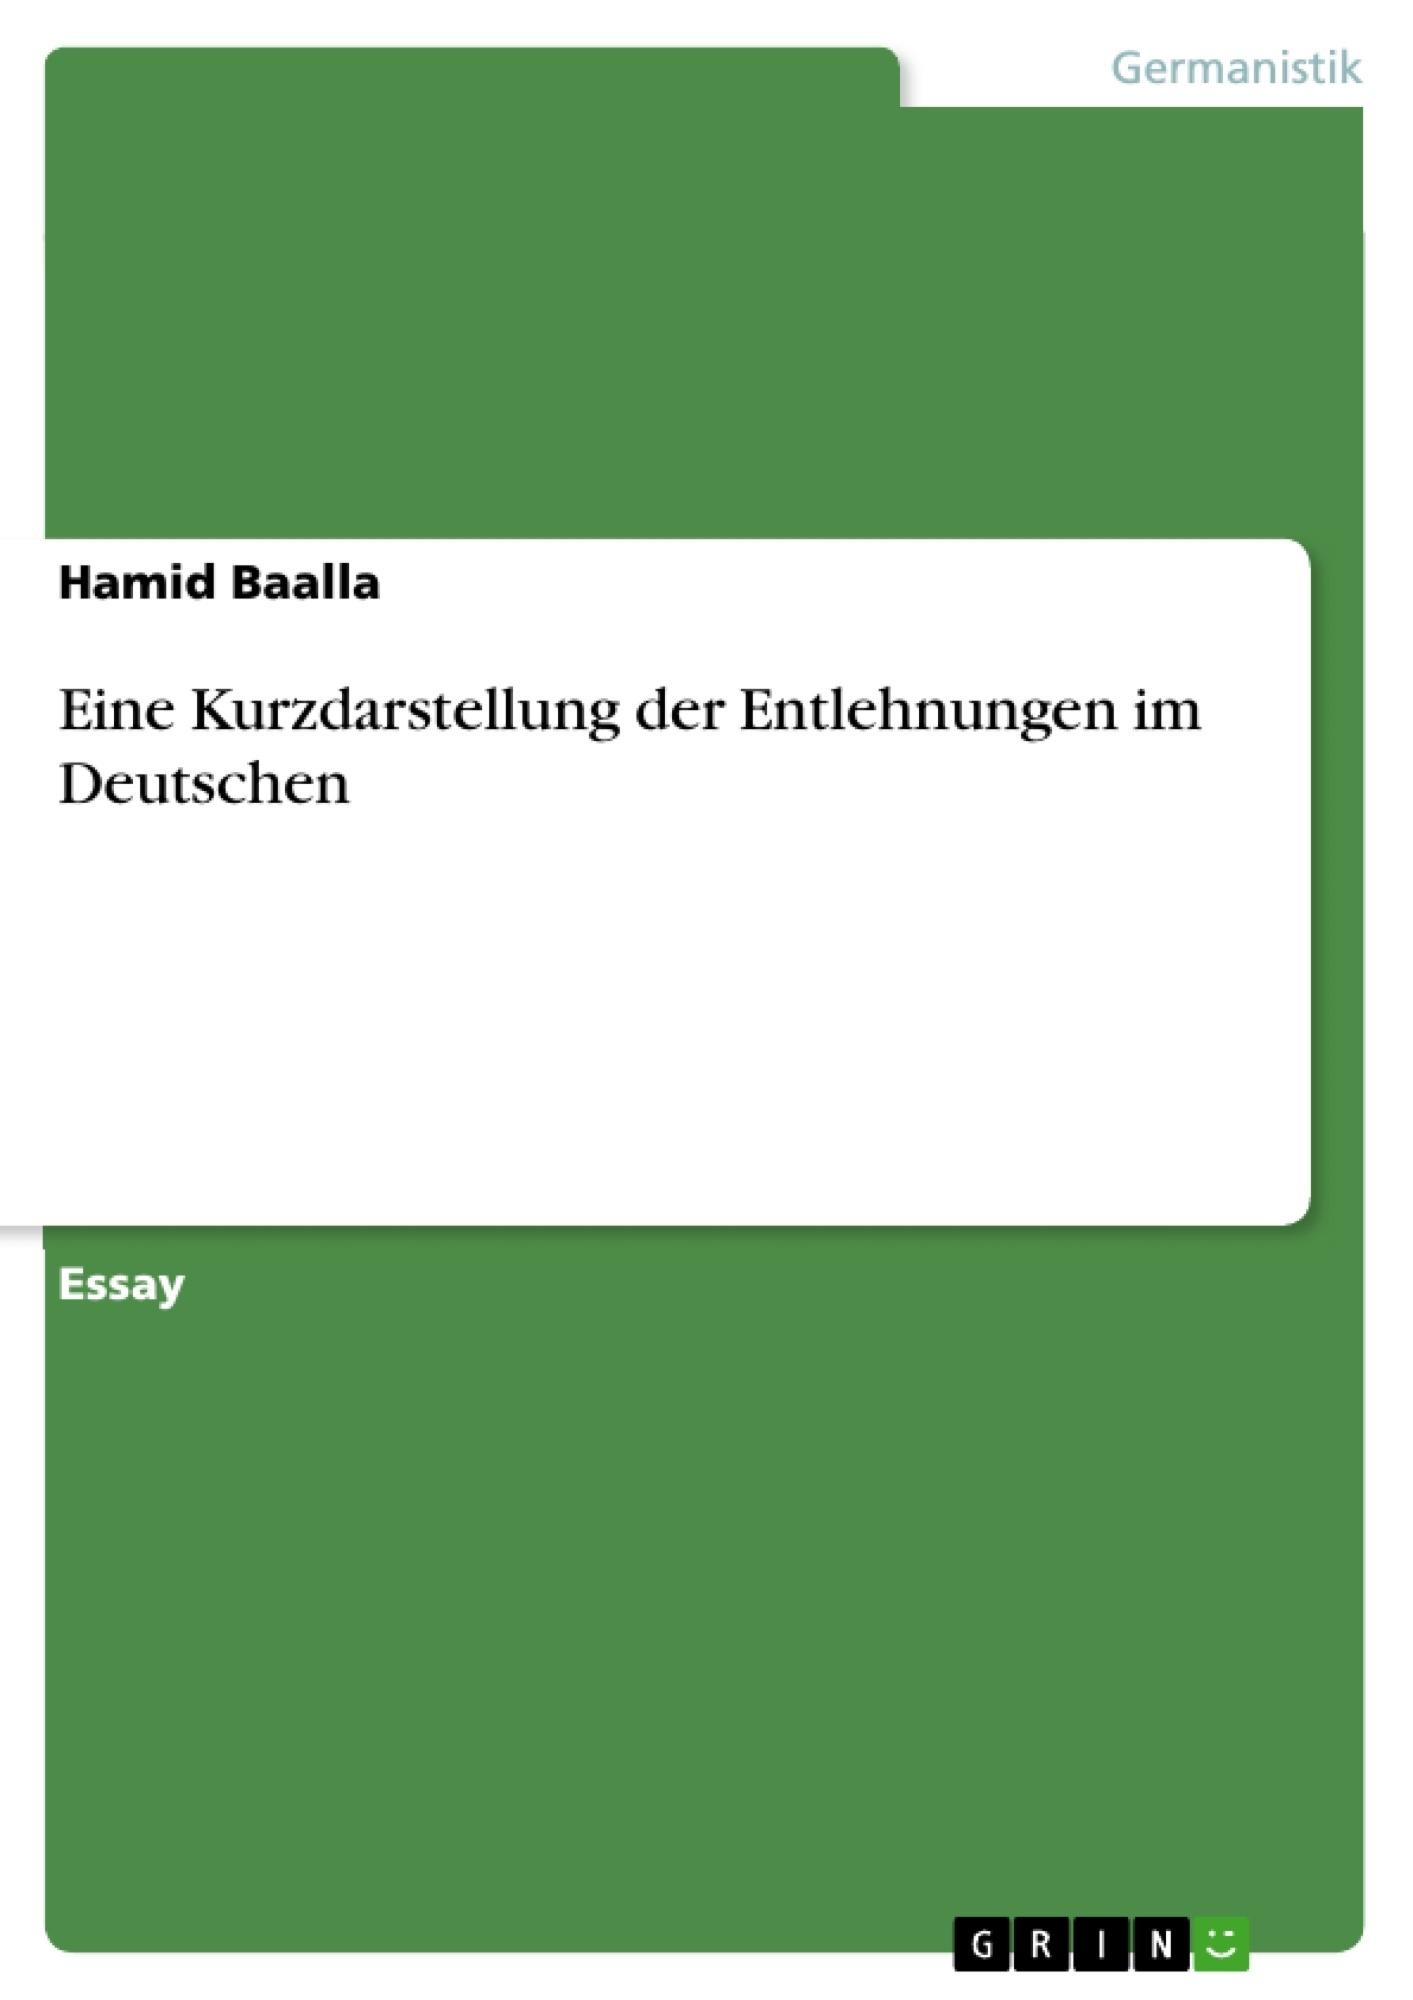 Titel: Eine Kurzdarstellung der Entlehnungen im Deutschen